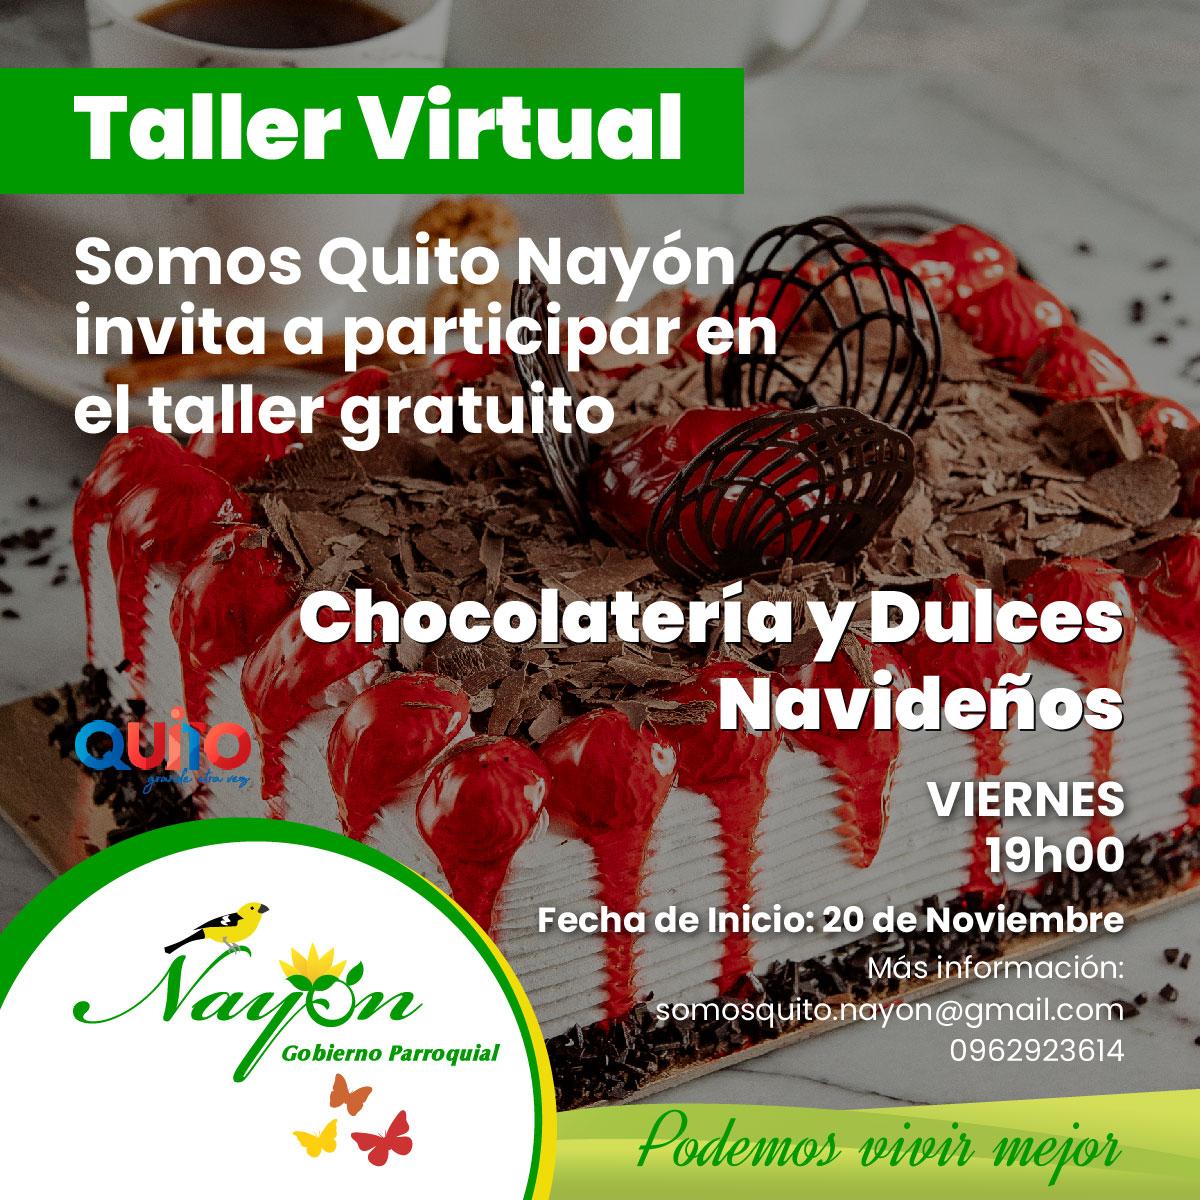 Talleres Virtuales Somos Quito Nayón